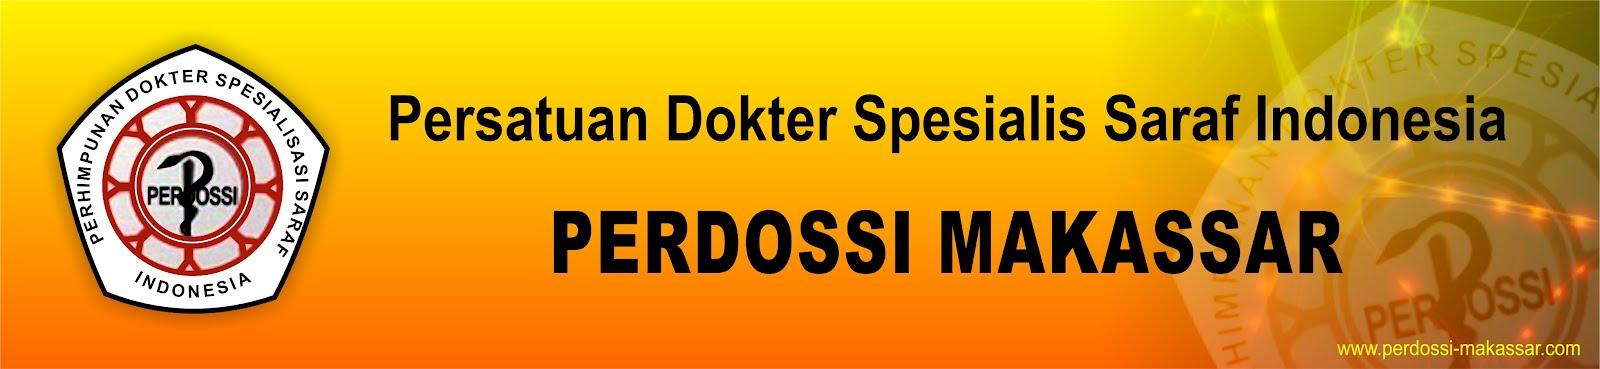 Perhimpunan Dokter Spesialisasi Saraf Indonesia